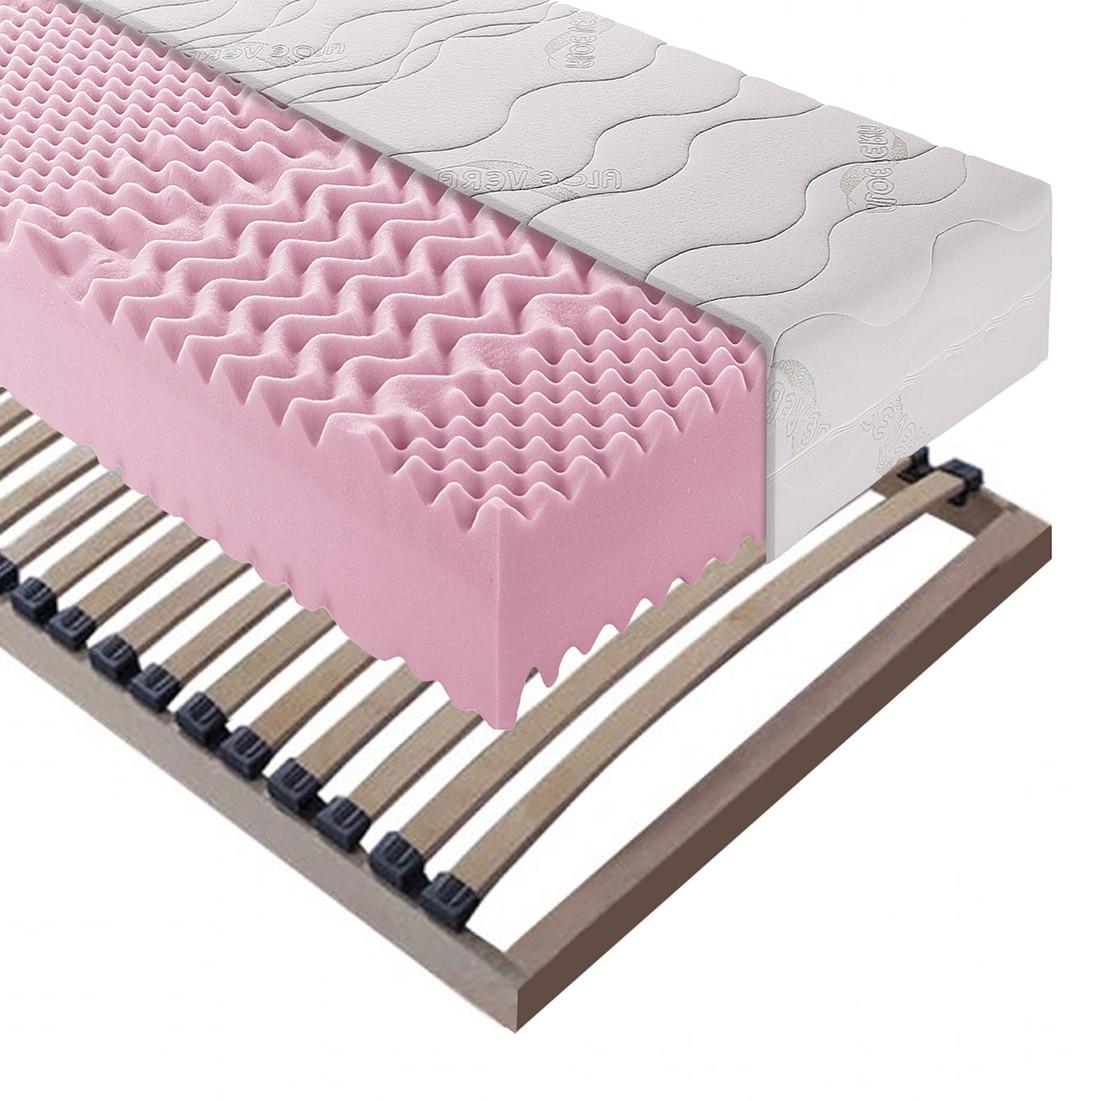 Sparset Exclusive Sleep – Kaltschaummatratze + Lattenrost Sirius – 120 x 200cm – H3 ab 130 kg, Breckle bestellen